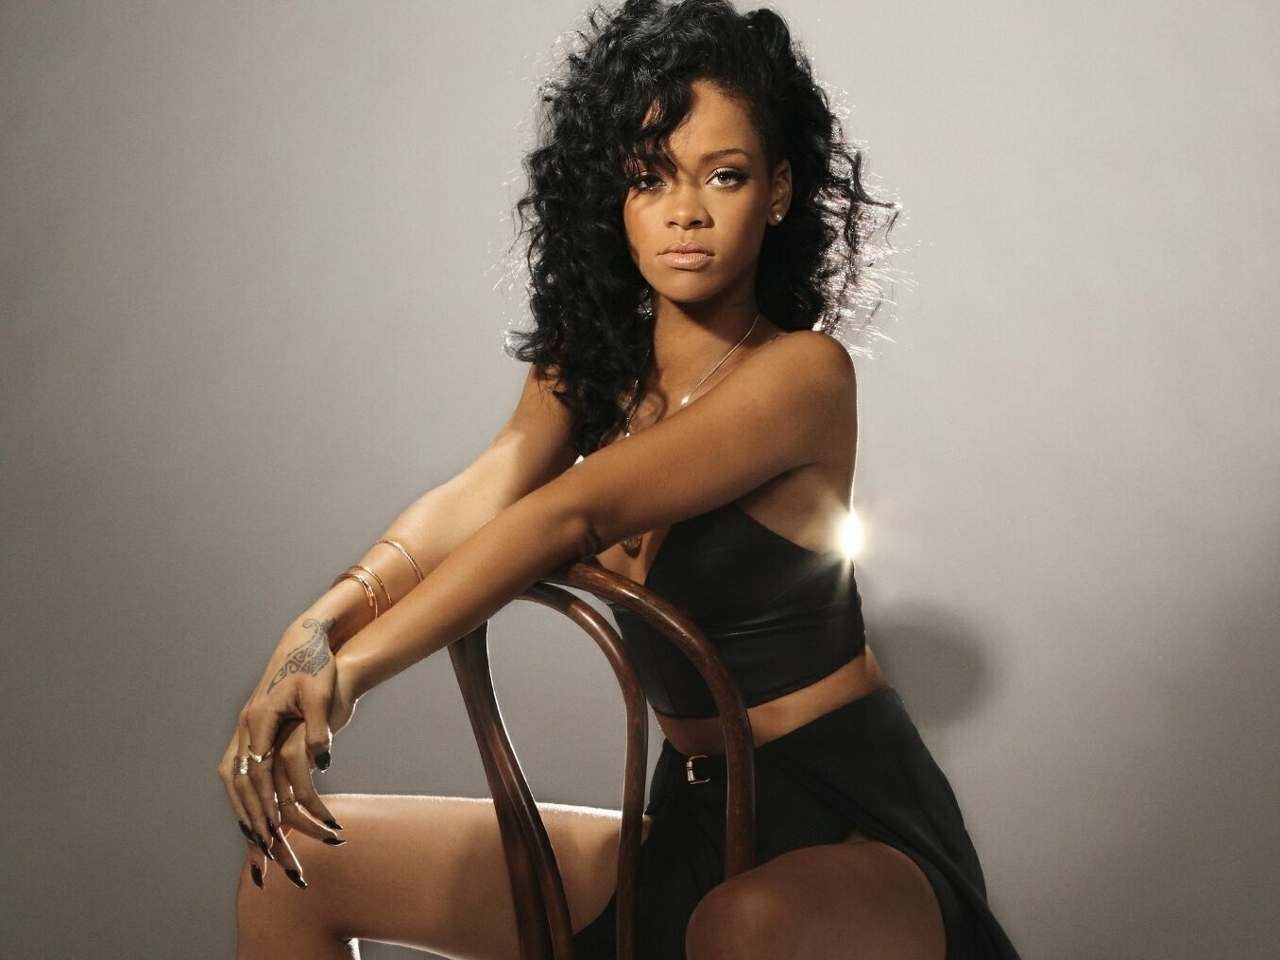 http://4.bp.blogspot.com/-hLH0AzhMs38/UQkfJMzK7DI/AAAAAAAABPE/BypfvYxruvg/s1600/Rihanna+Latest+wallpapers+2013+10.jpg